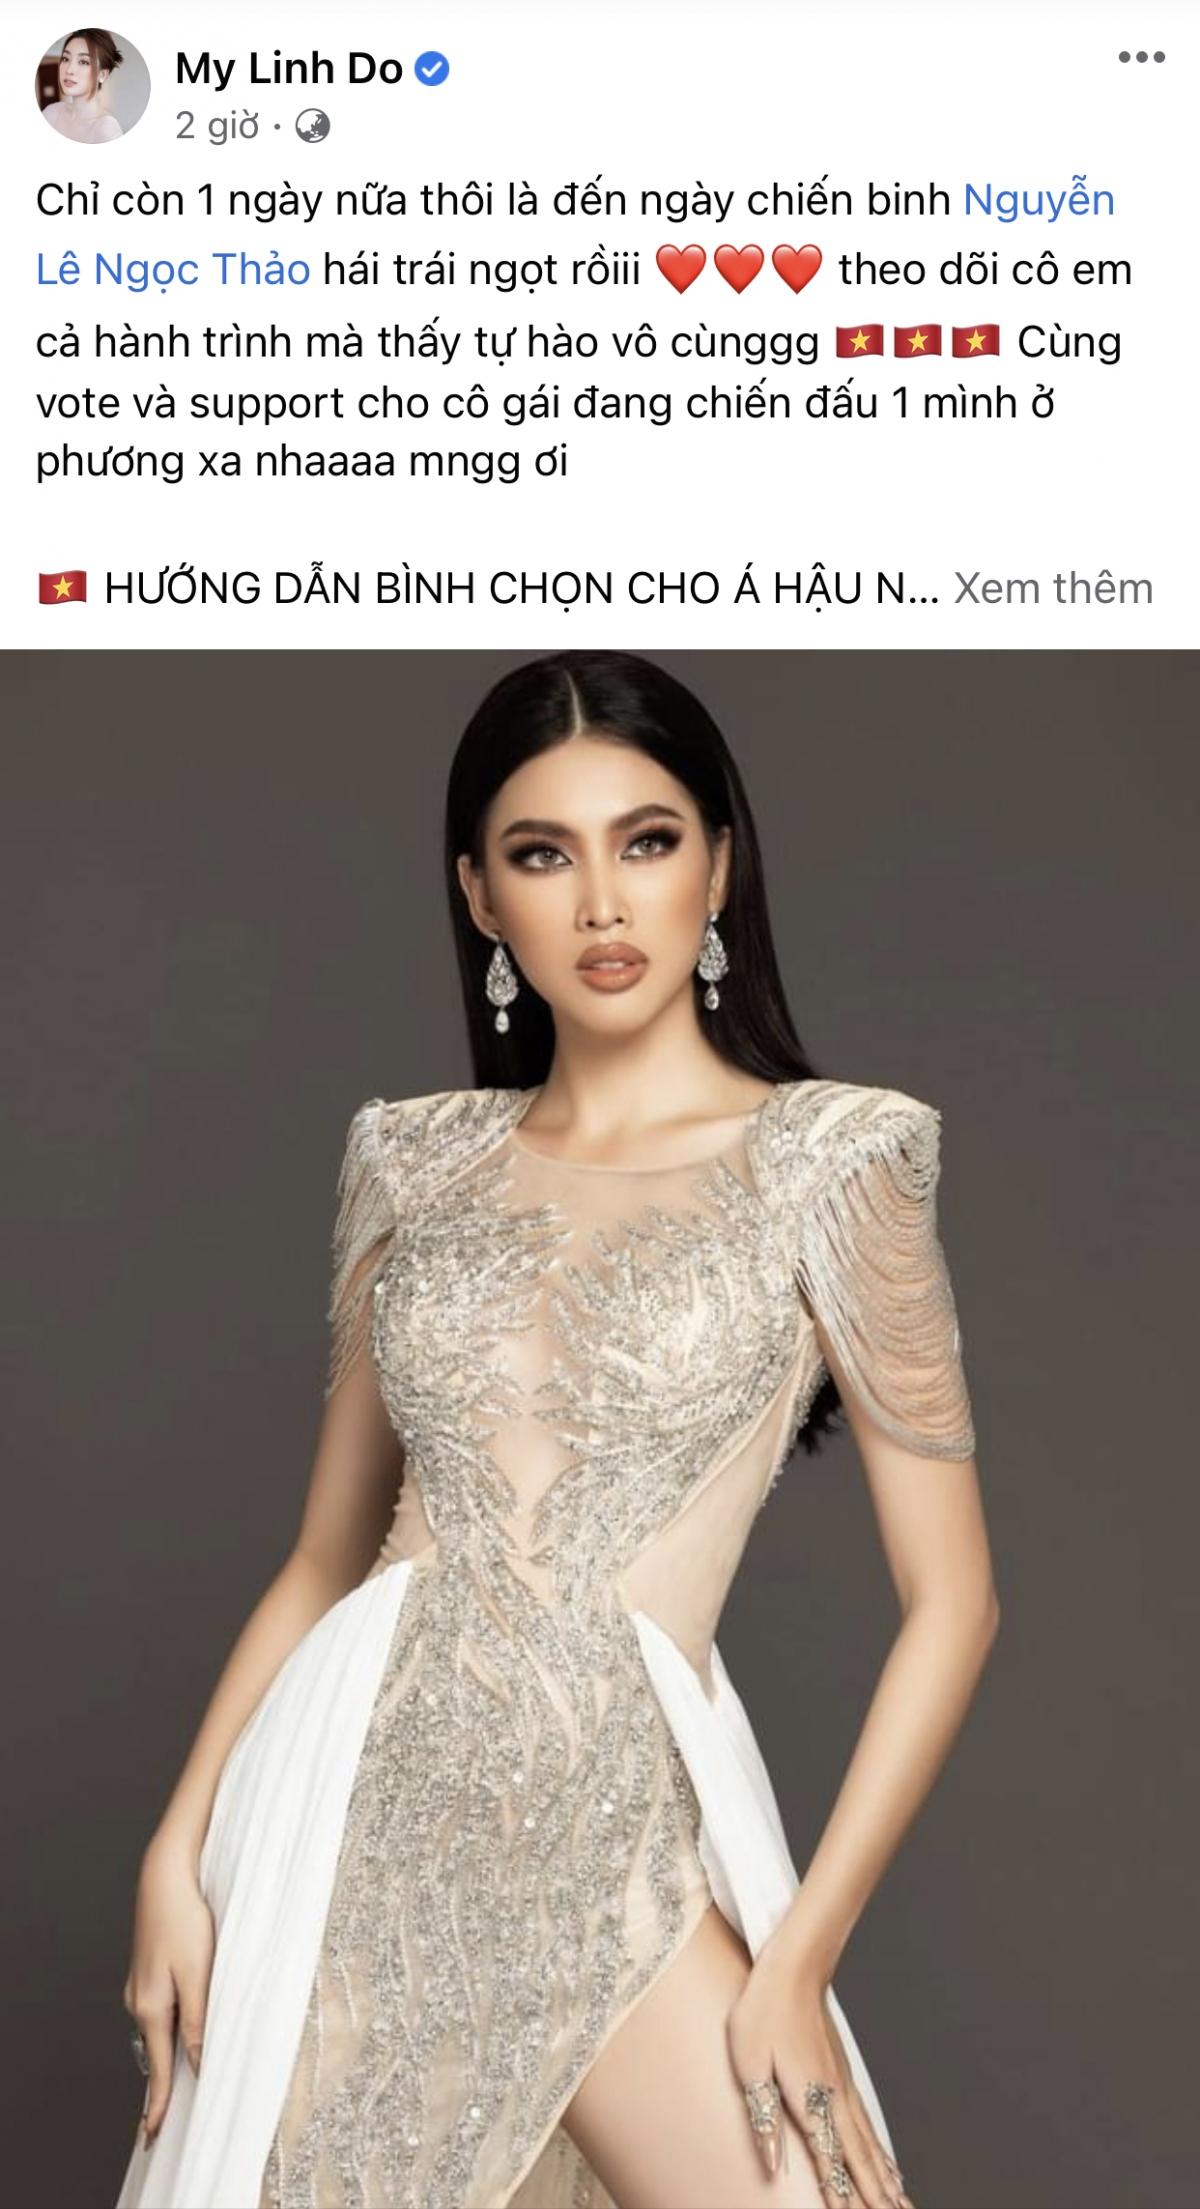 Hoa hậu Đỗ Mỹ Linh kêu gọibình chọn cho Á hậu Ngọc Thảo.